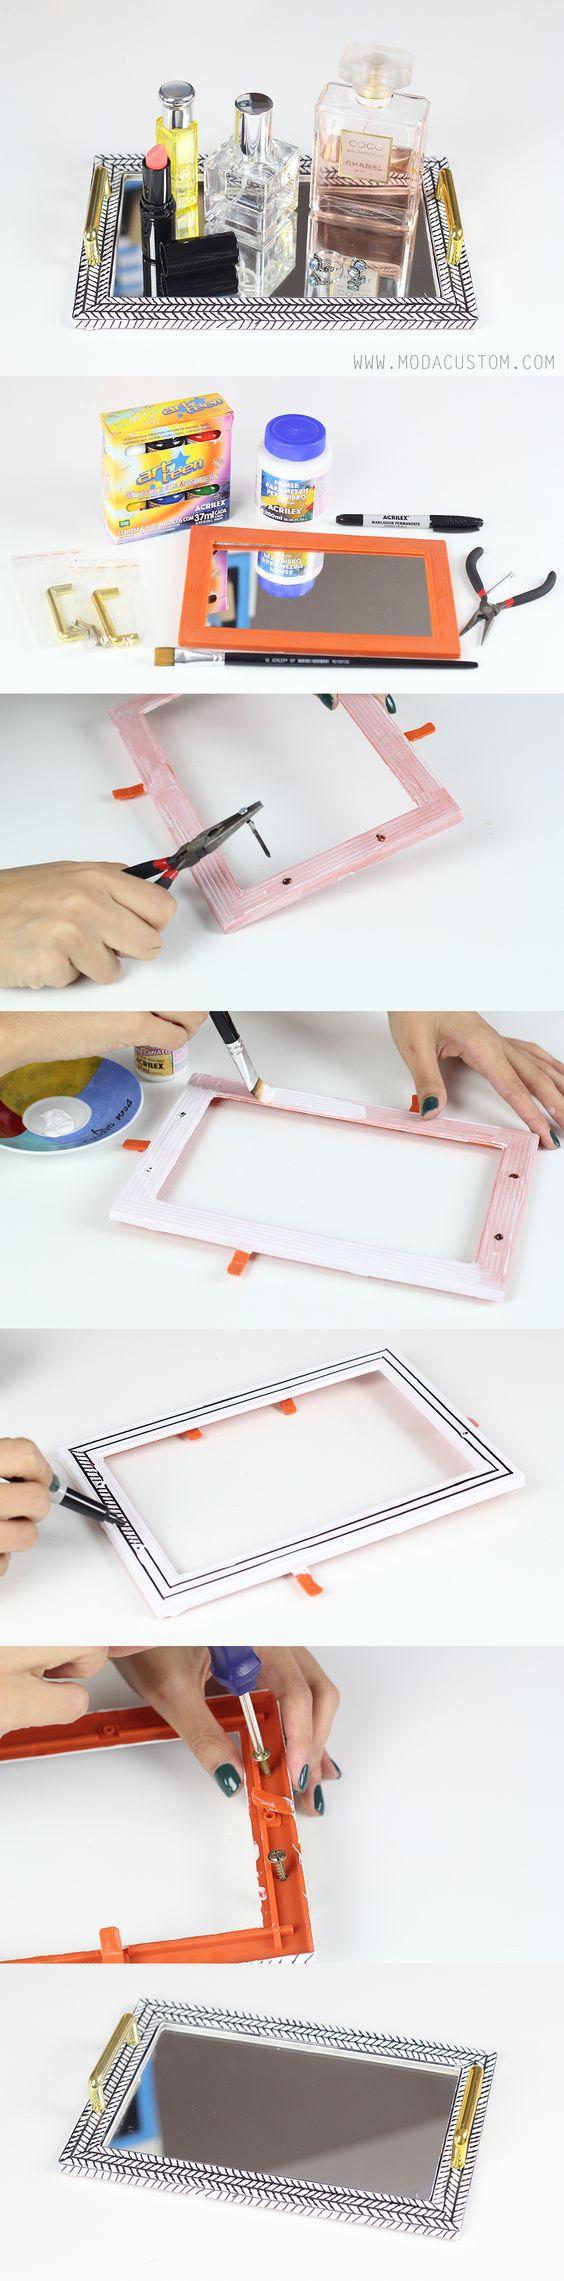 Vídeo no blog: http://www.modacustom.com/2015/09/tutorial-bandeja-de-espelho-decorativa.html: